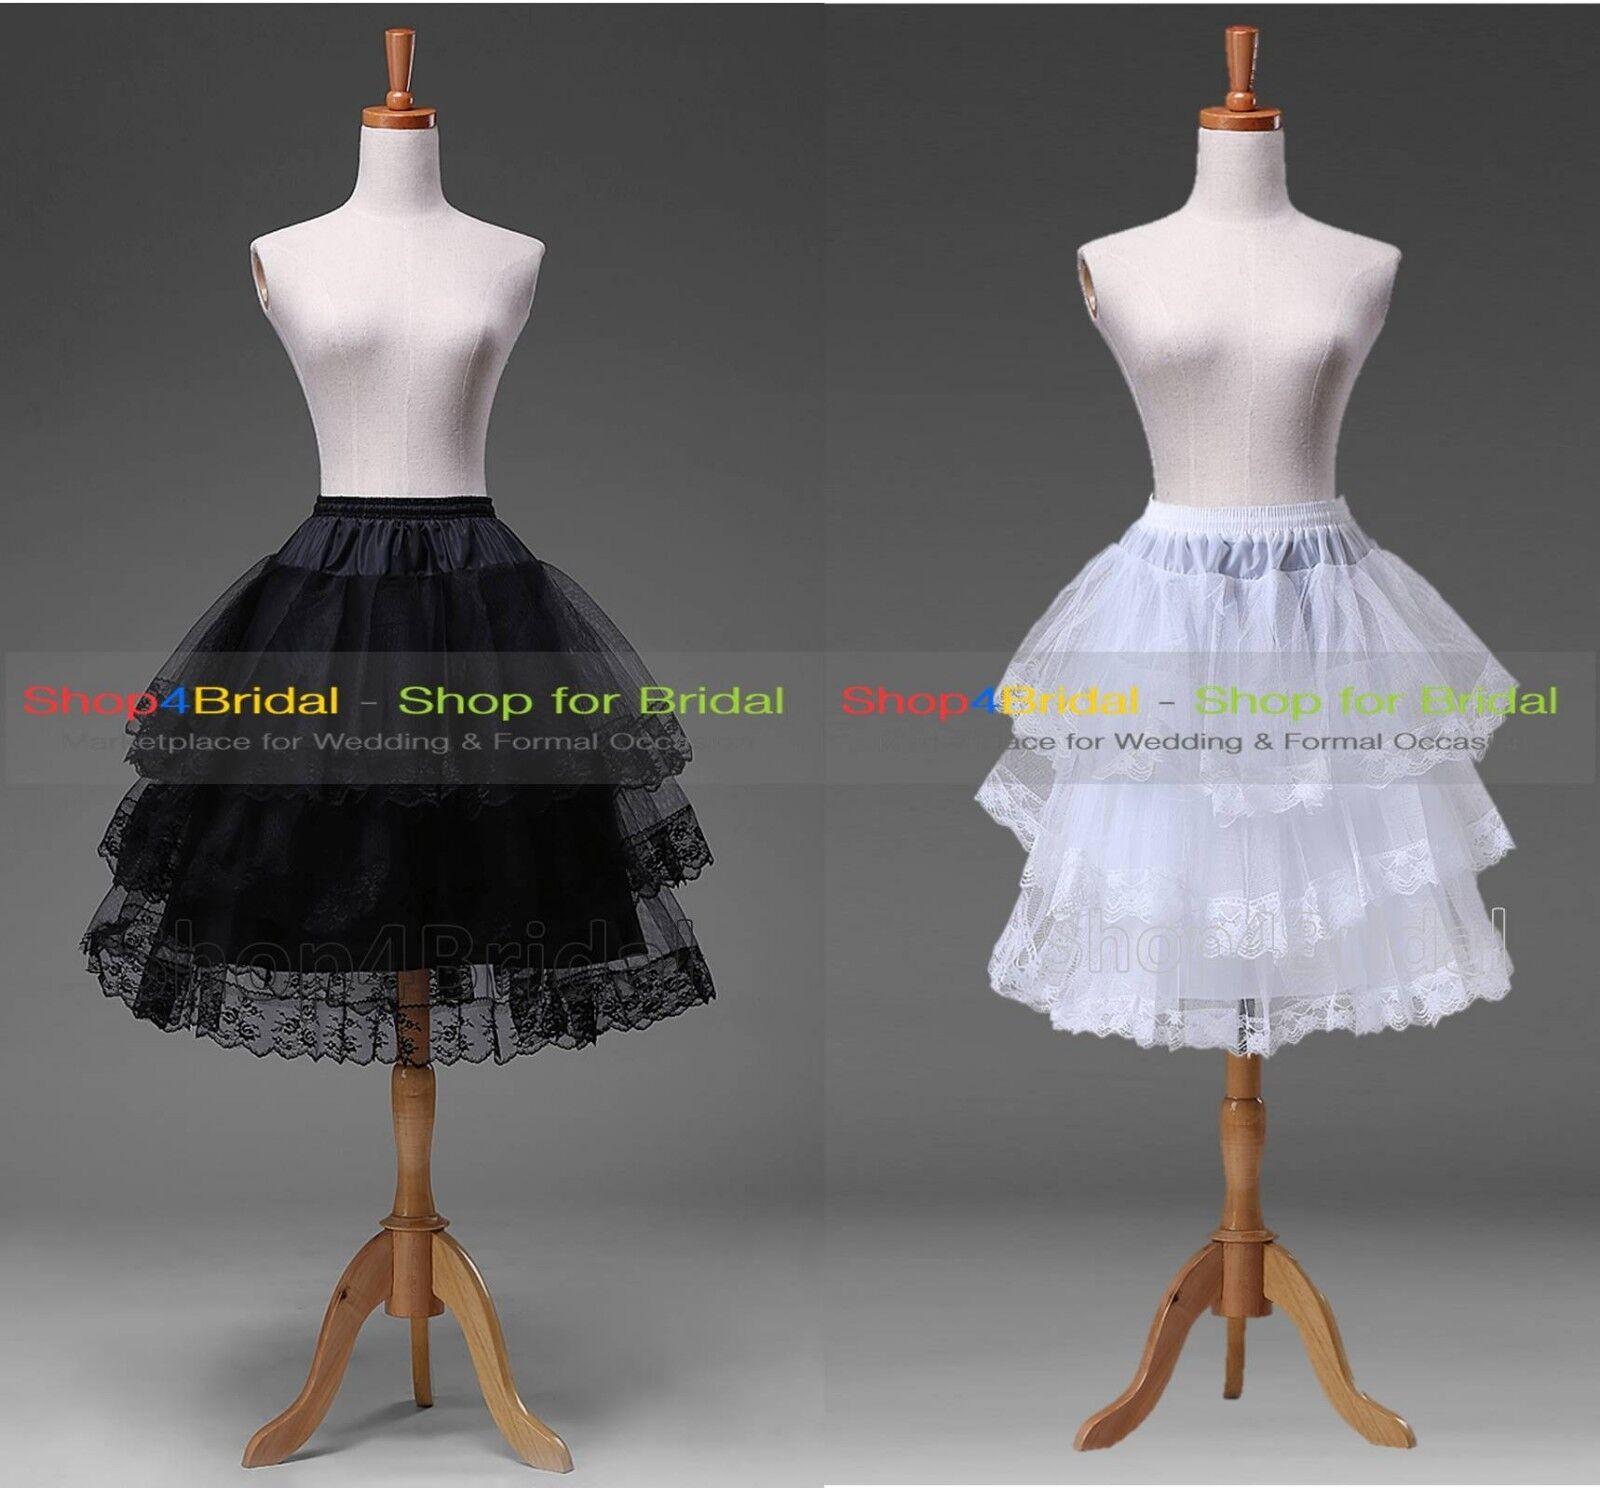 Dys Womens Full Length Petticoat Slips Bridal Tulle Lace Crinoline Underskirt For Sale Online Ebay,Summer Floral Dresses For Weddings